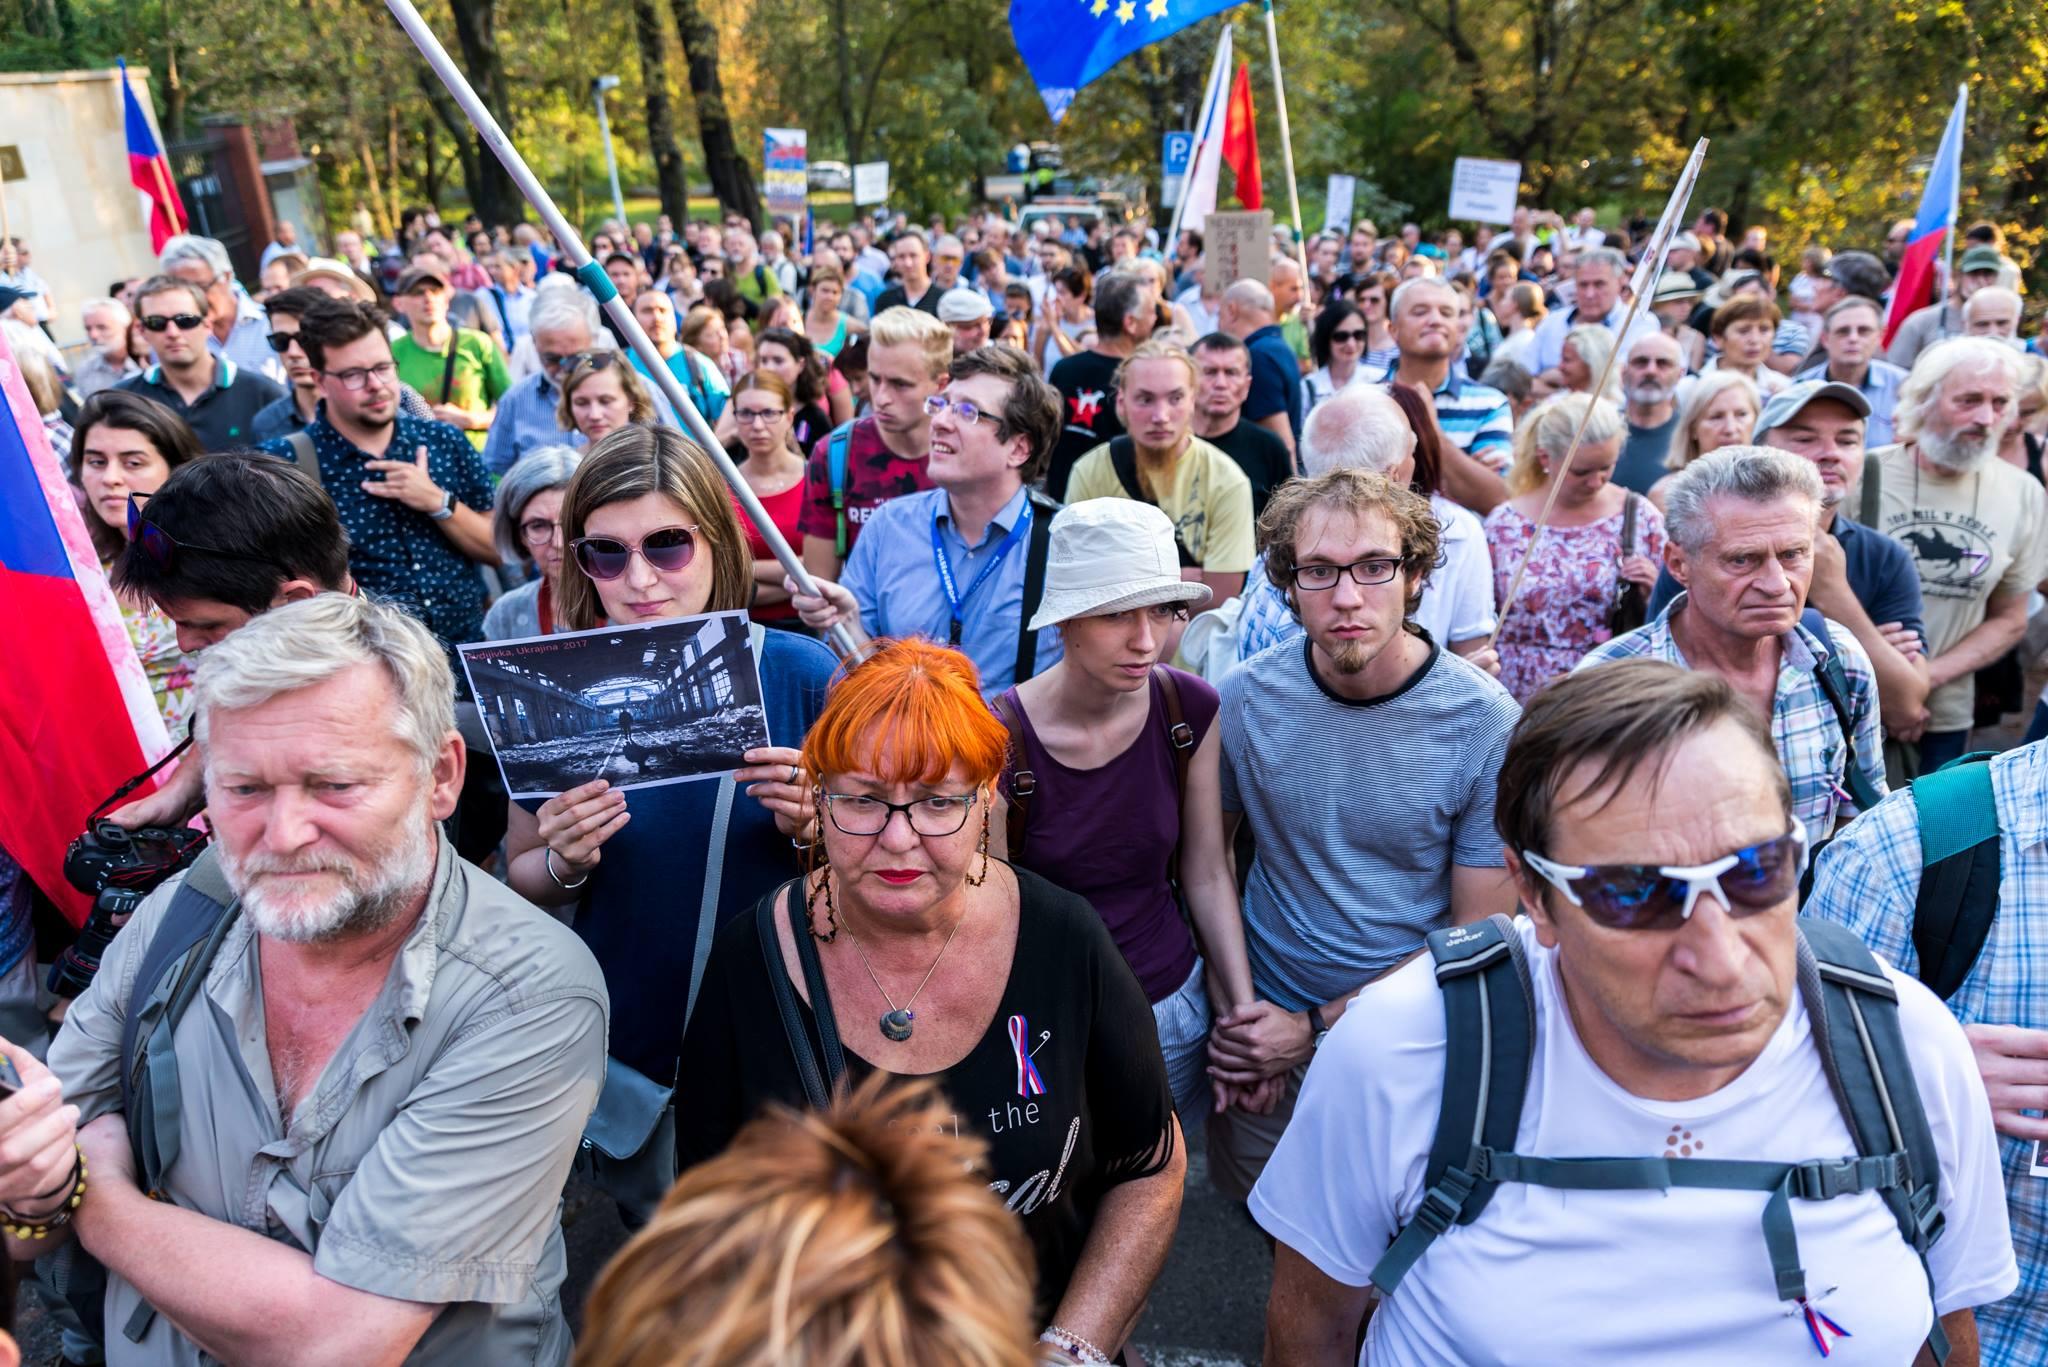 Děkujeme, že jste přišli, foto Jana Plavec